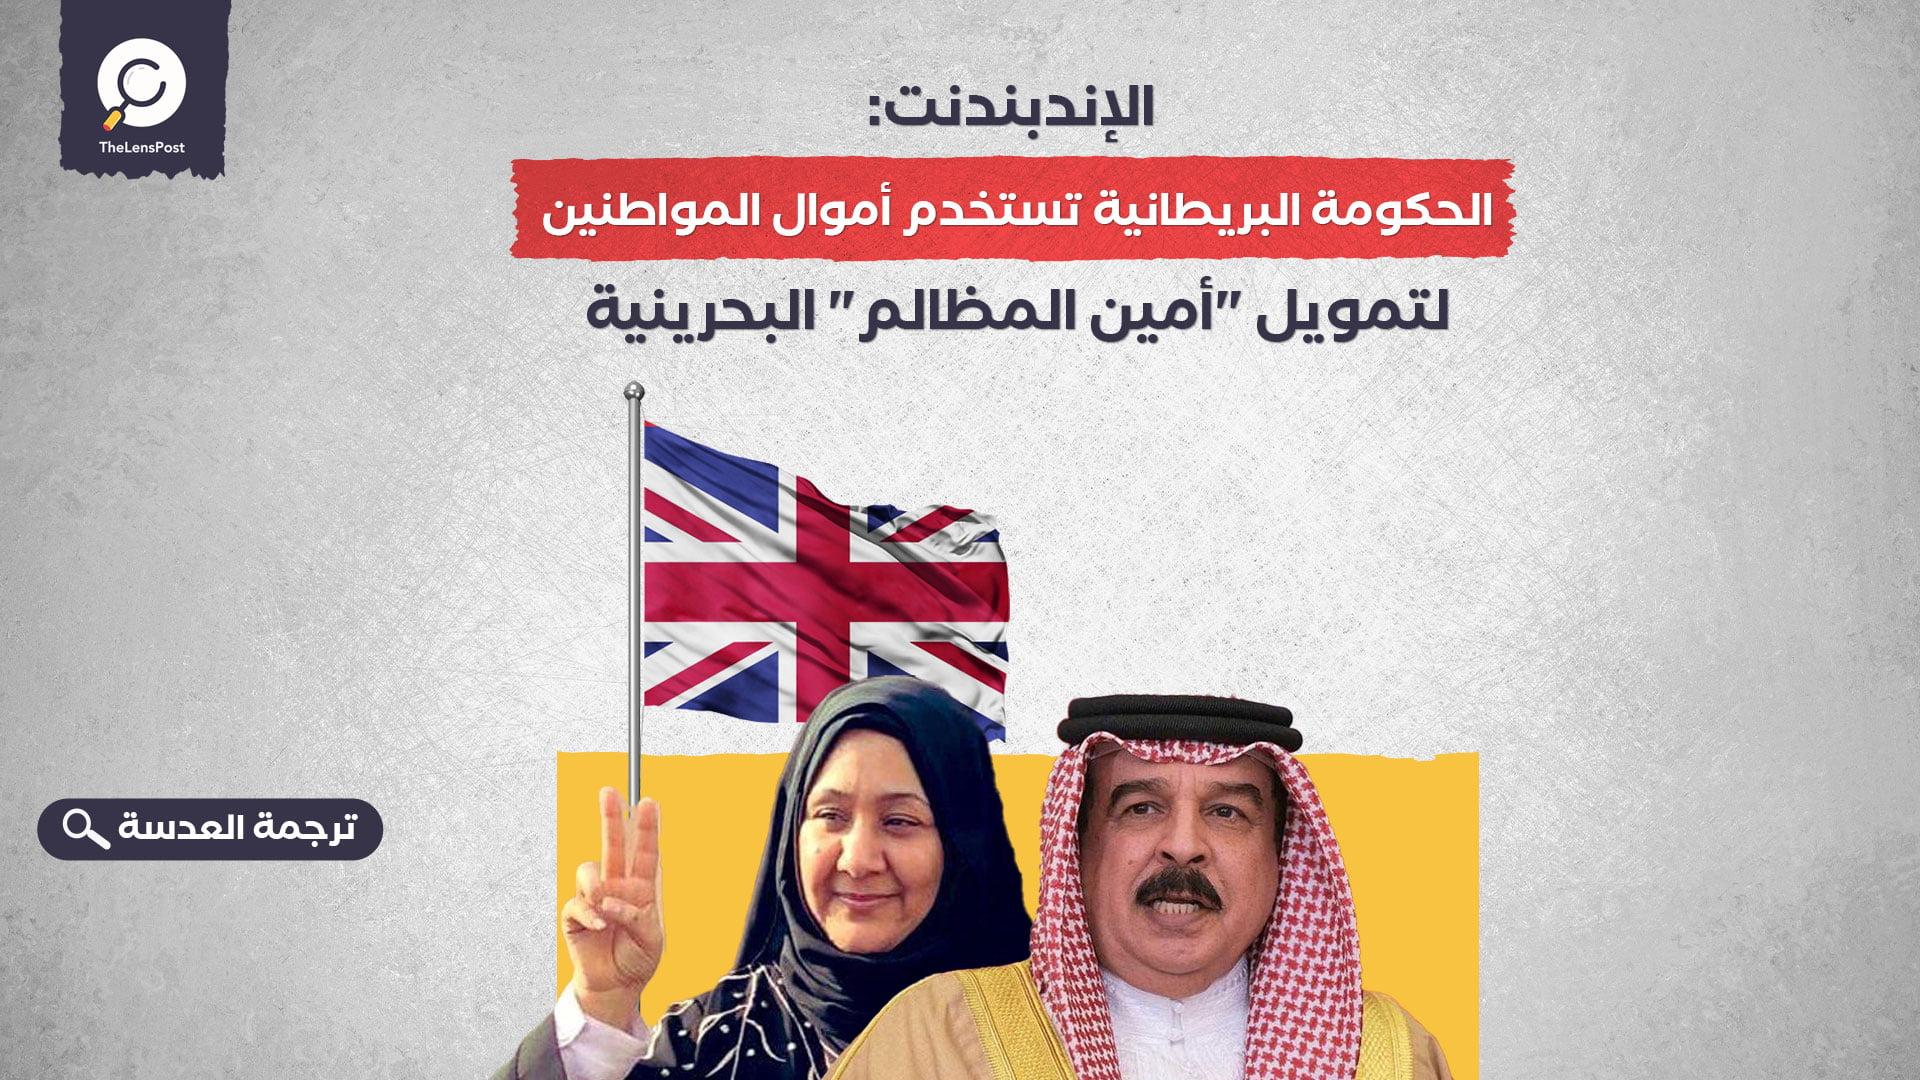 """الإندبندنت: الحكومة البريطانية تستخدم أموال المواطنين لتمويل """"أمين المظالم"""" البحرينية"""